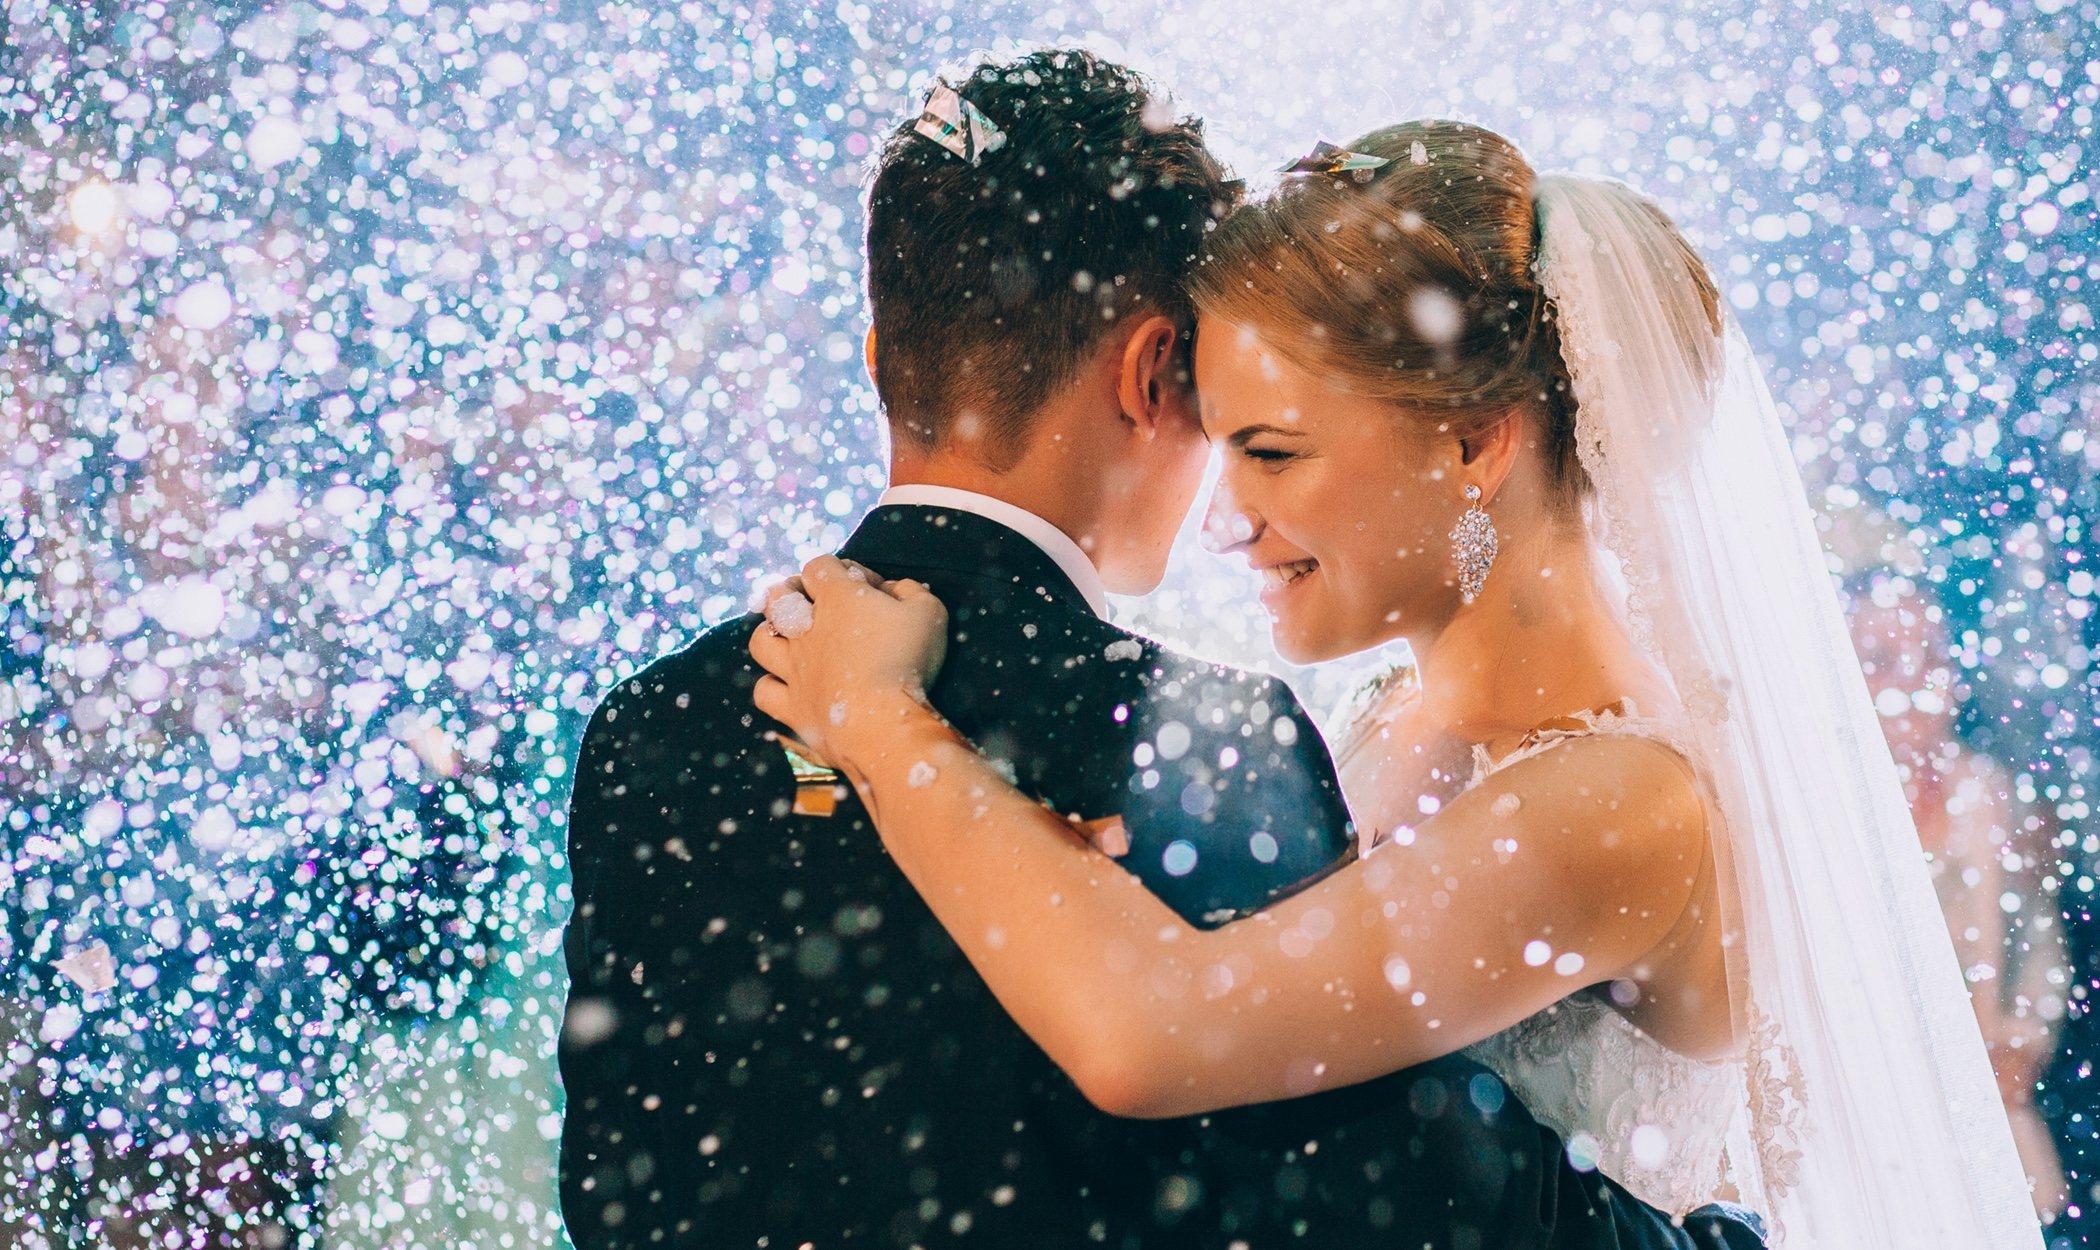 Cómo celebrar una boda en Navidad